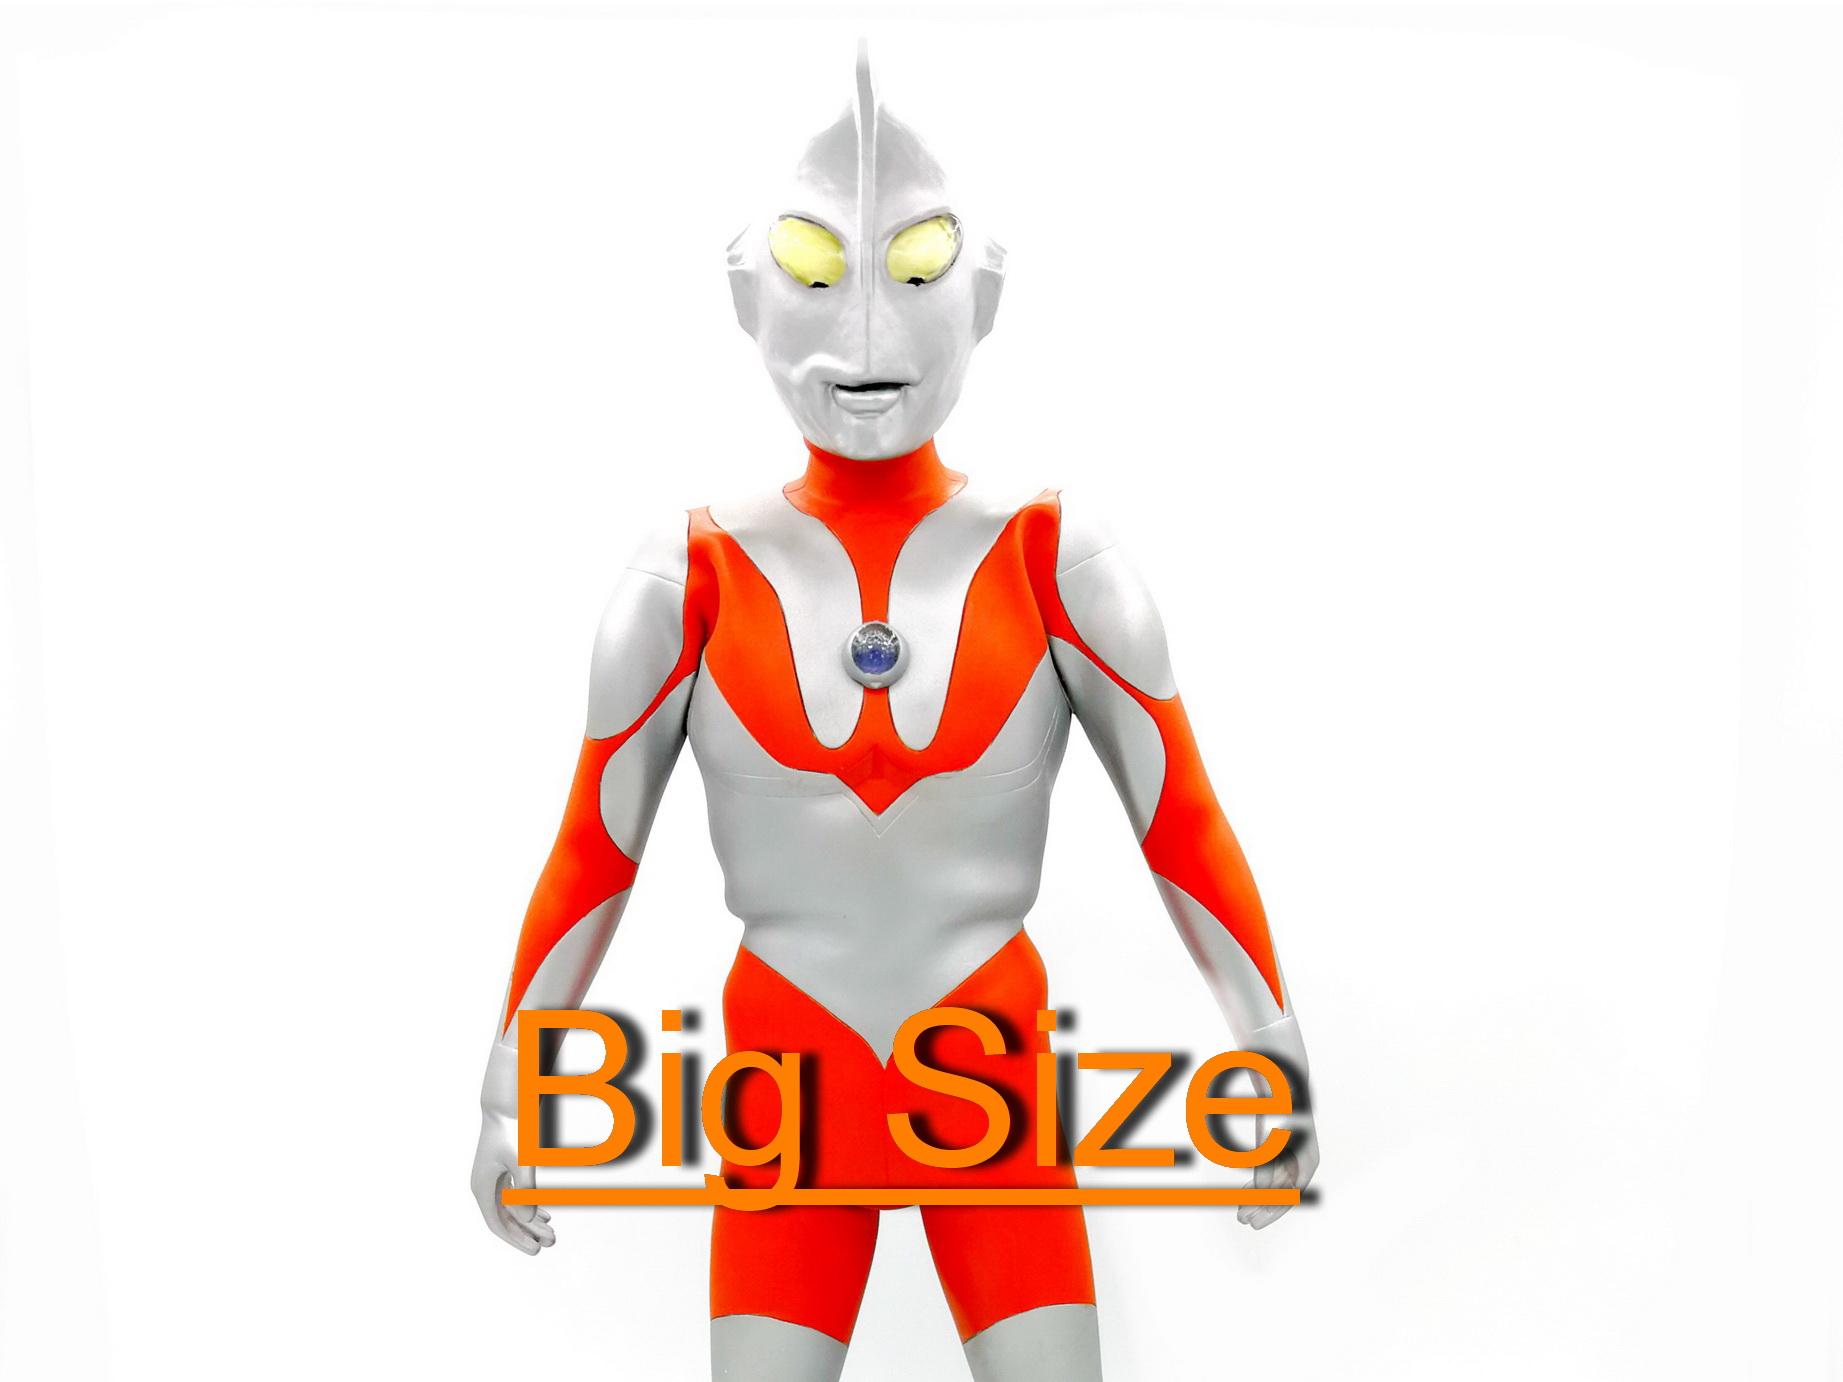 Bigzize